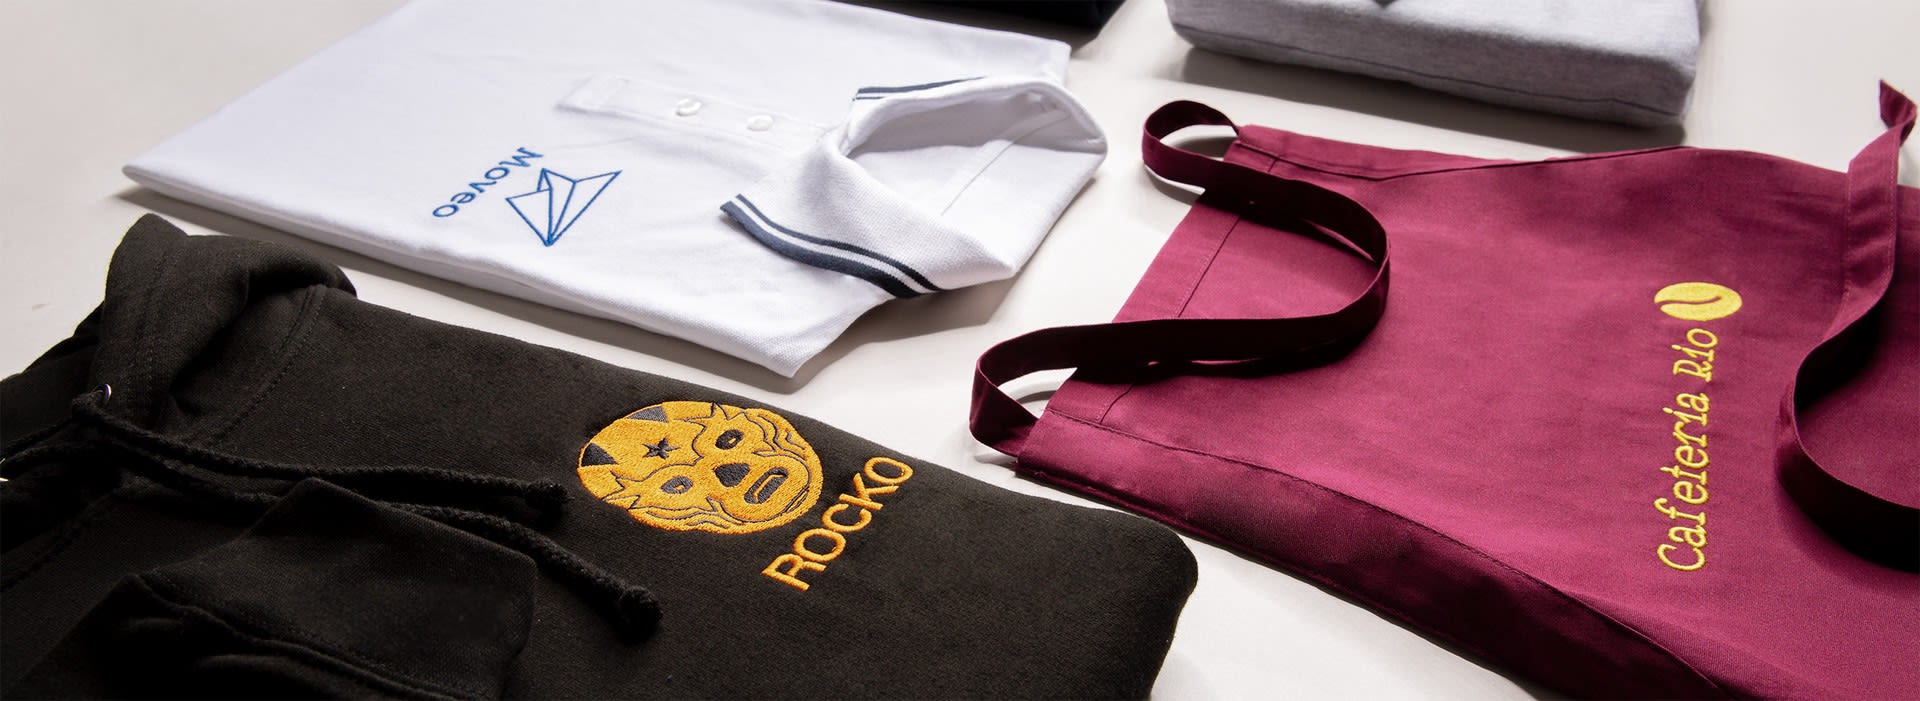 broderade kläder för ditt team